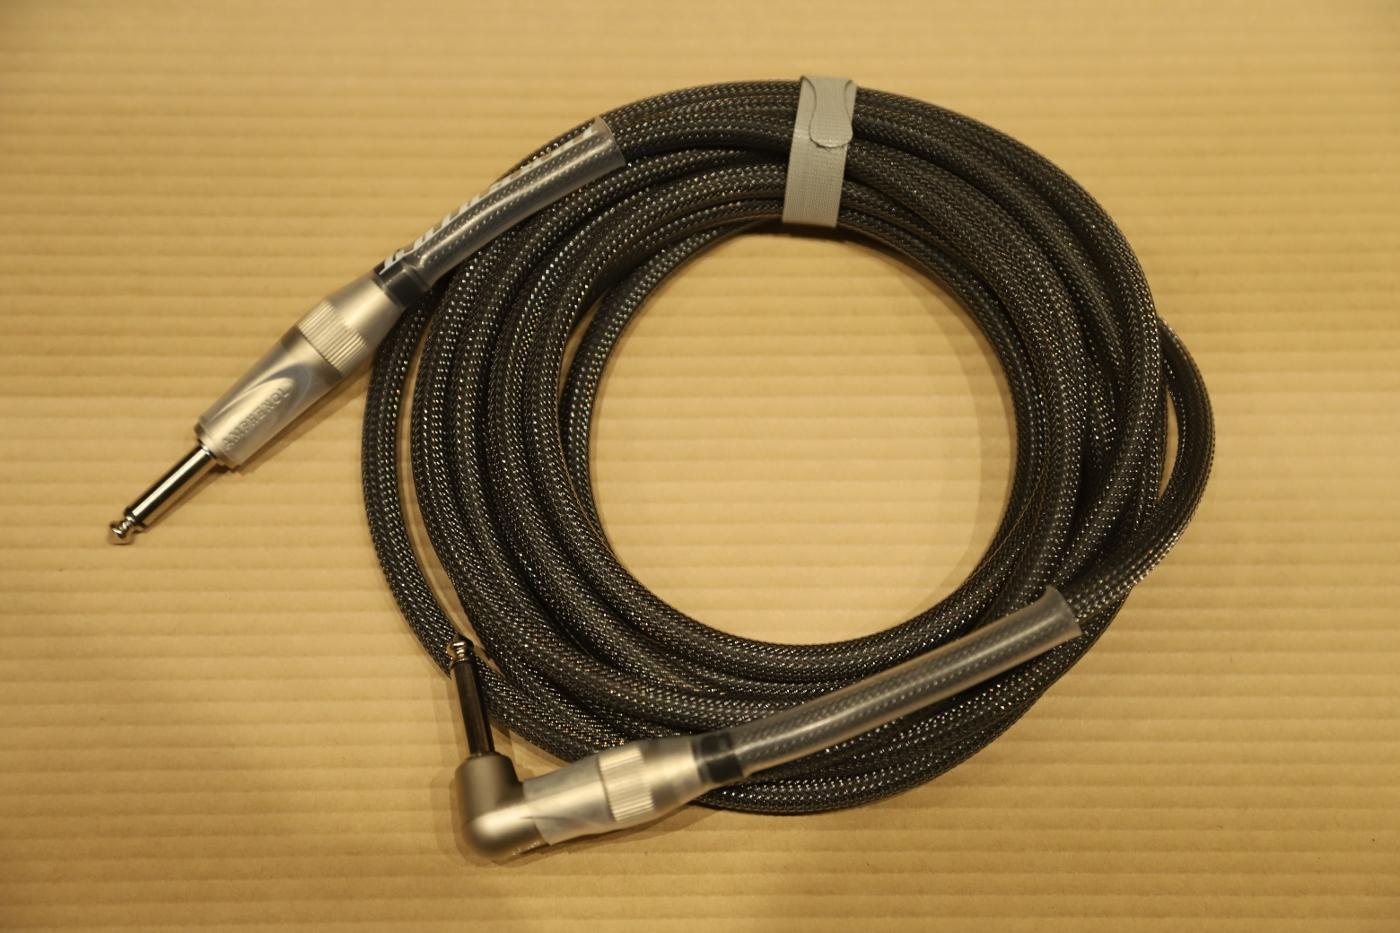 【送料無料】Colossal Cable コロッサルケーブル THE SWEET FATS 16FT. S/L ギターケーブル/約4.87m/ストレート&ライトアングル